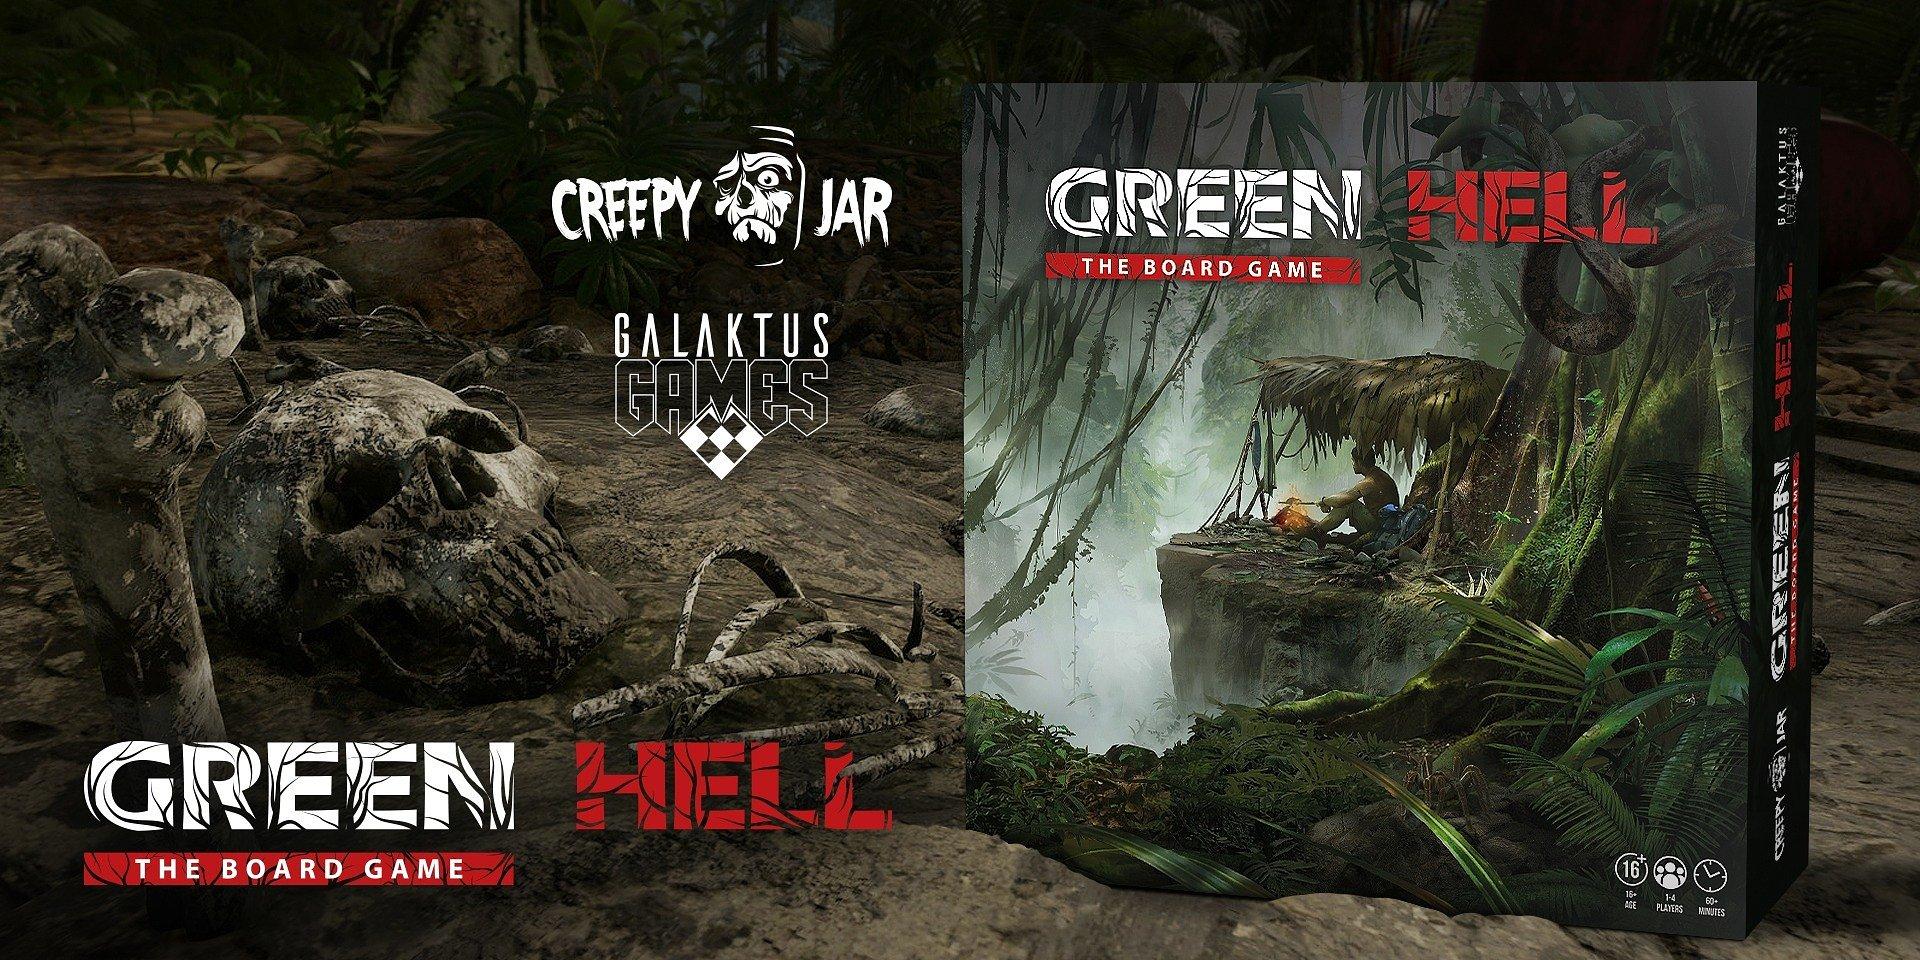 Настолка Green Hell: The Board Game готова к кампании на Kickstarter – узнайте об основных правилах и геймплее!